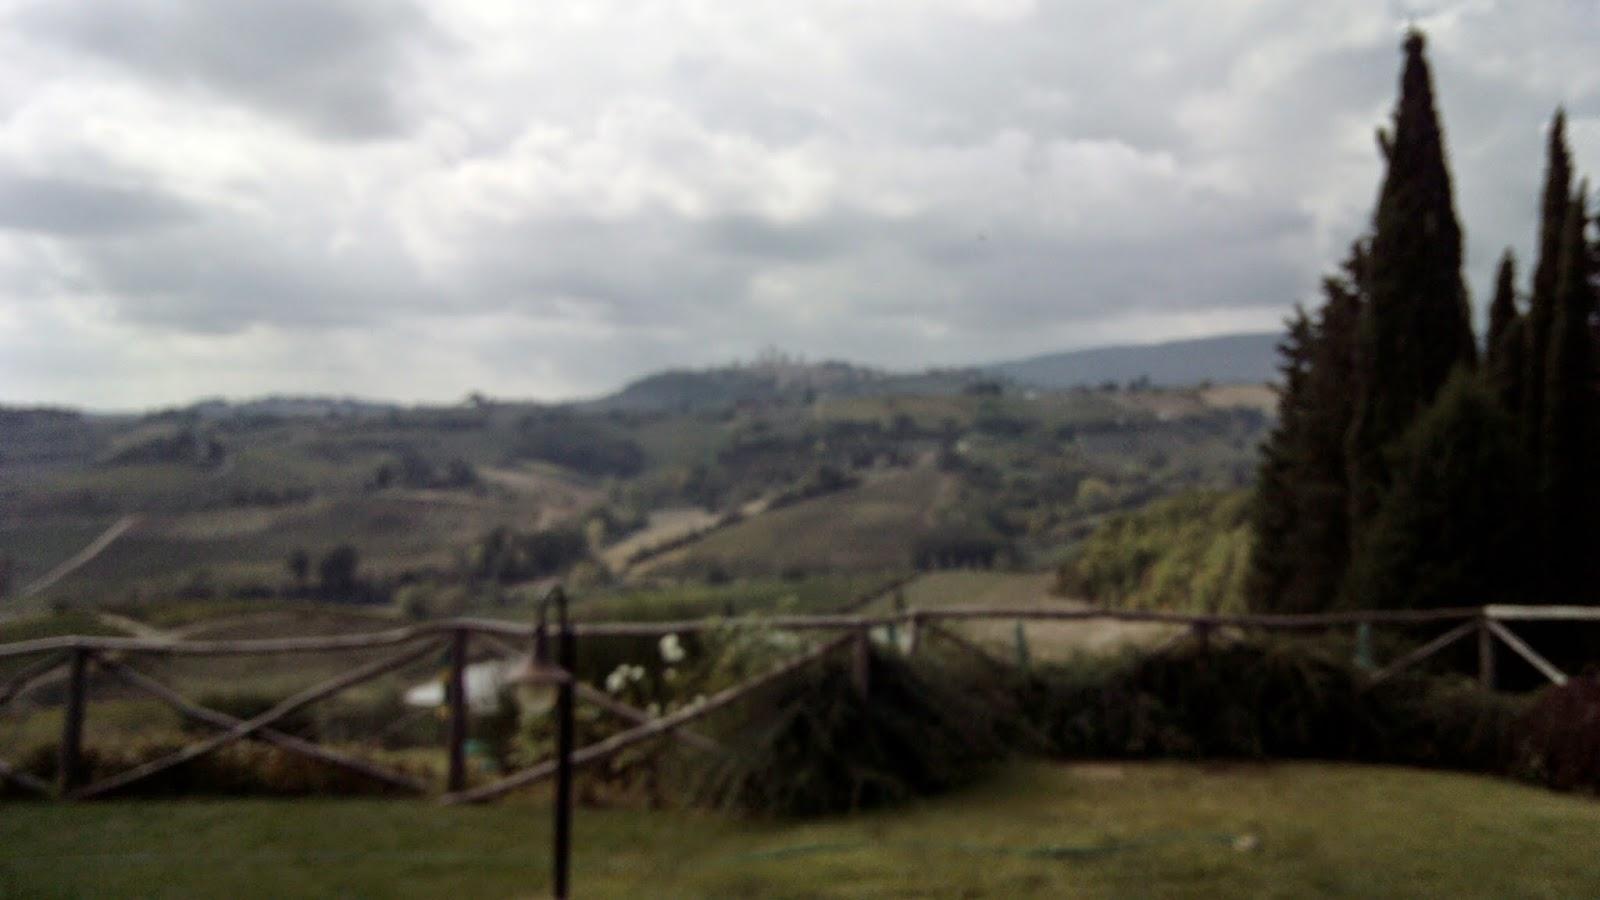 degustacao toscana3 - Degustação de vinhos na Toscana